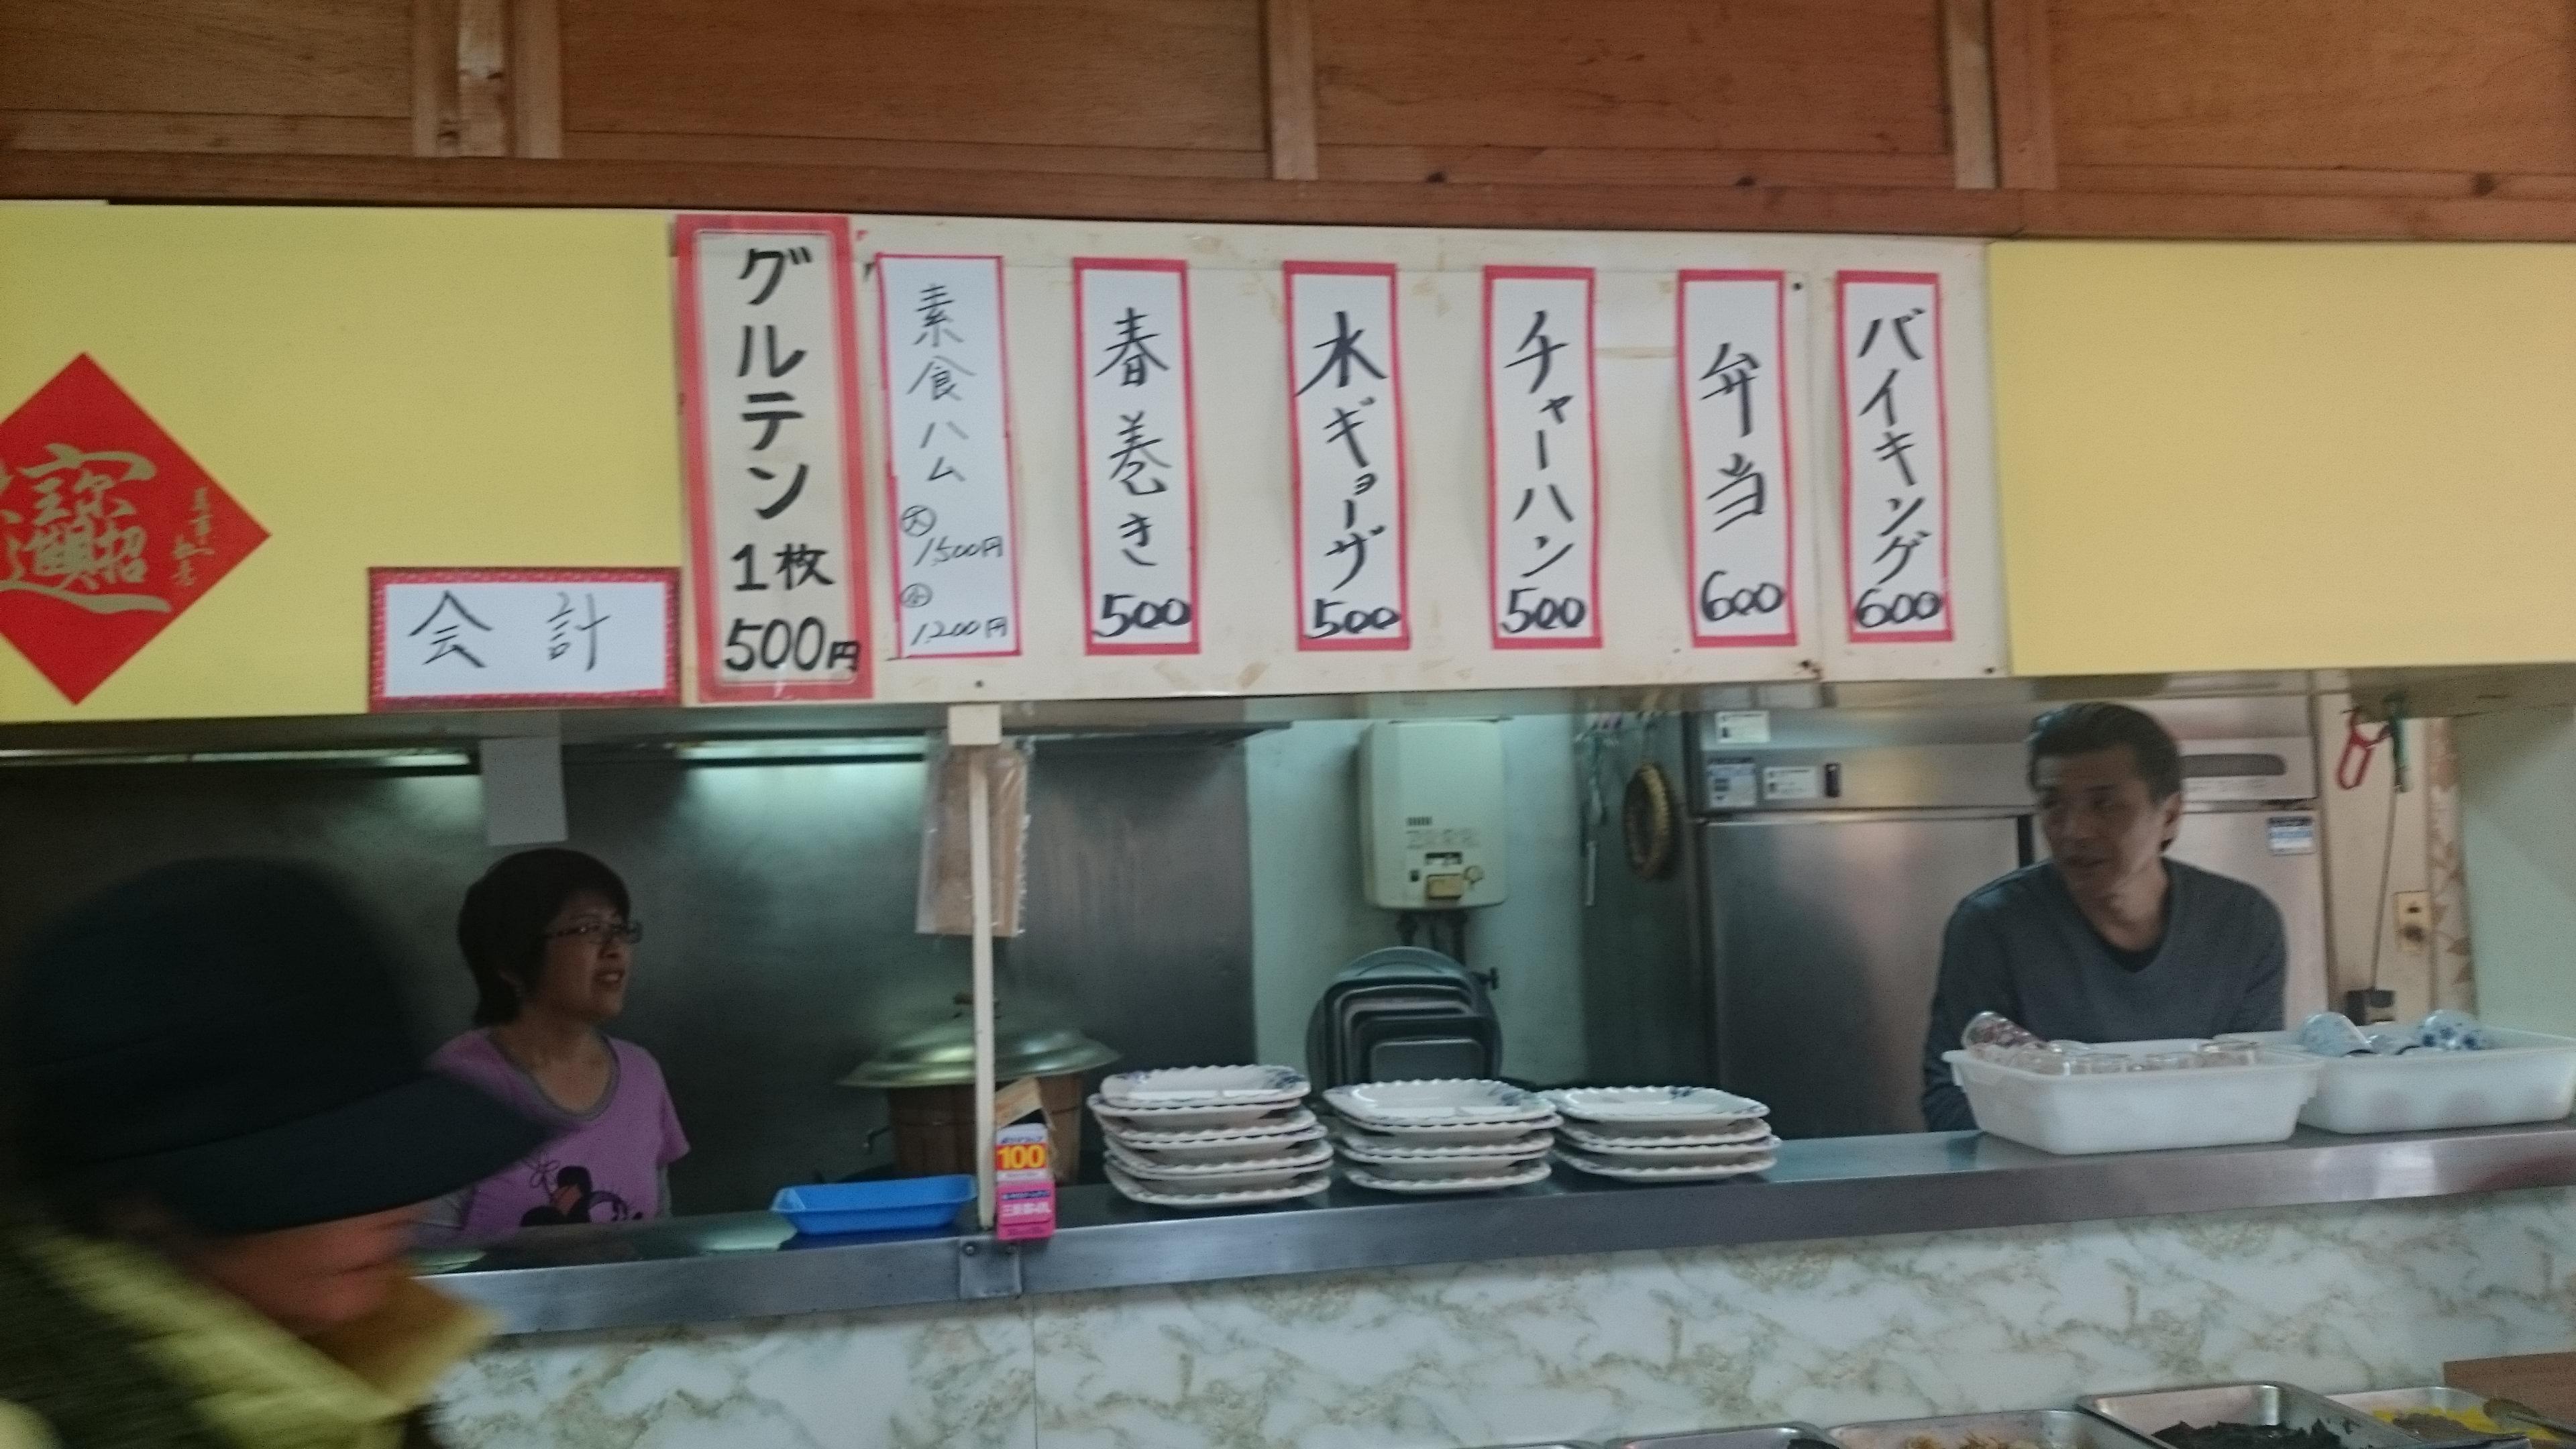 沖繩素食金壺食堂菜單